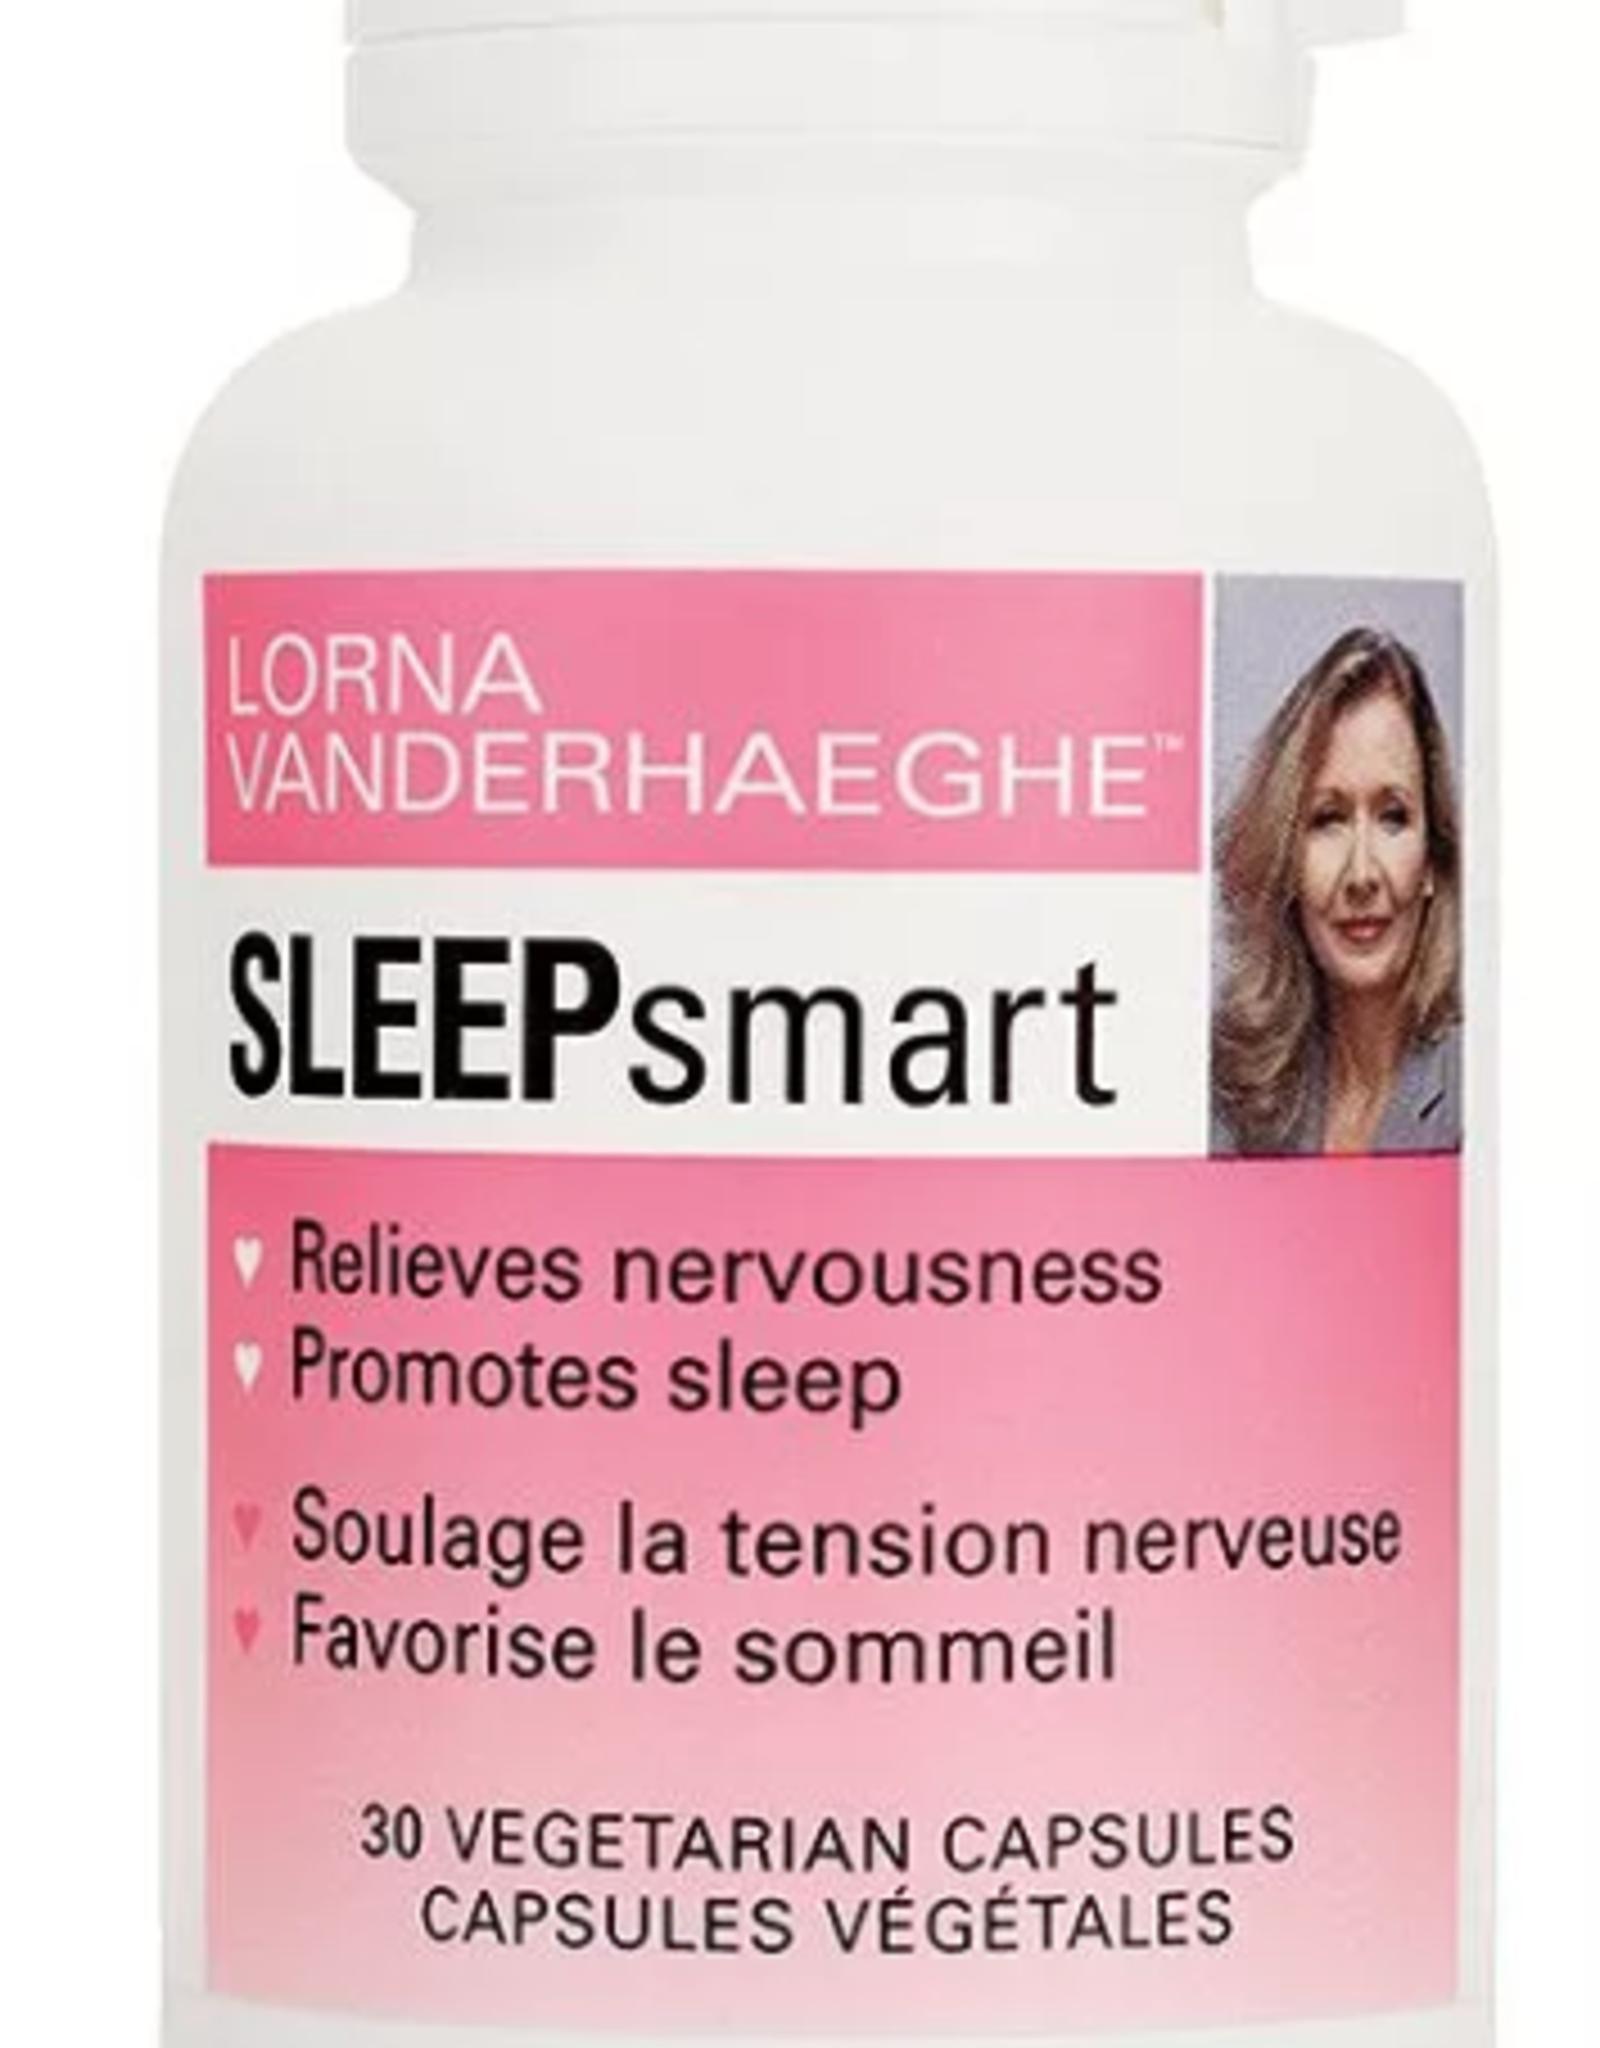 Lorna Vanderhaeghe Lorna Vanderhaeghe - SLEEPsmart (30caps)